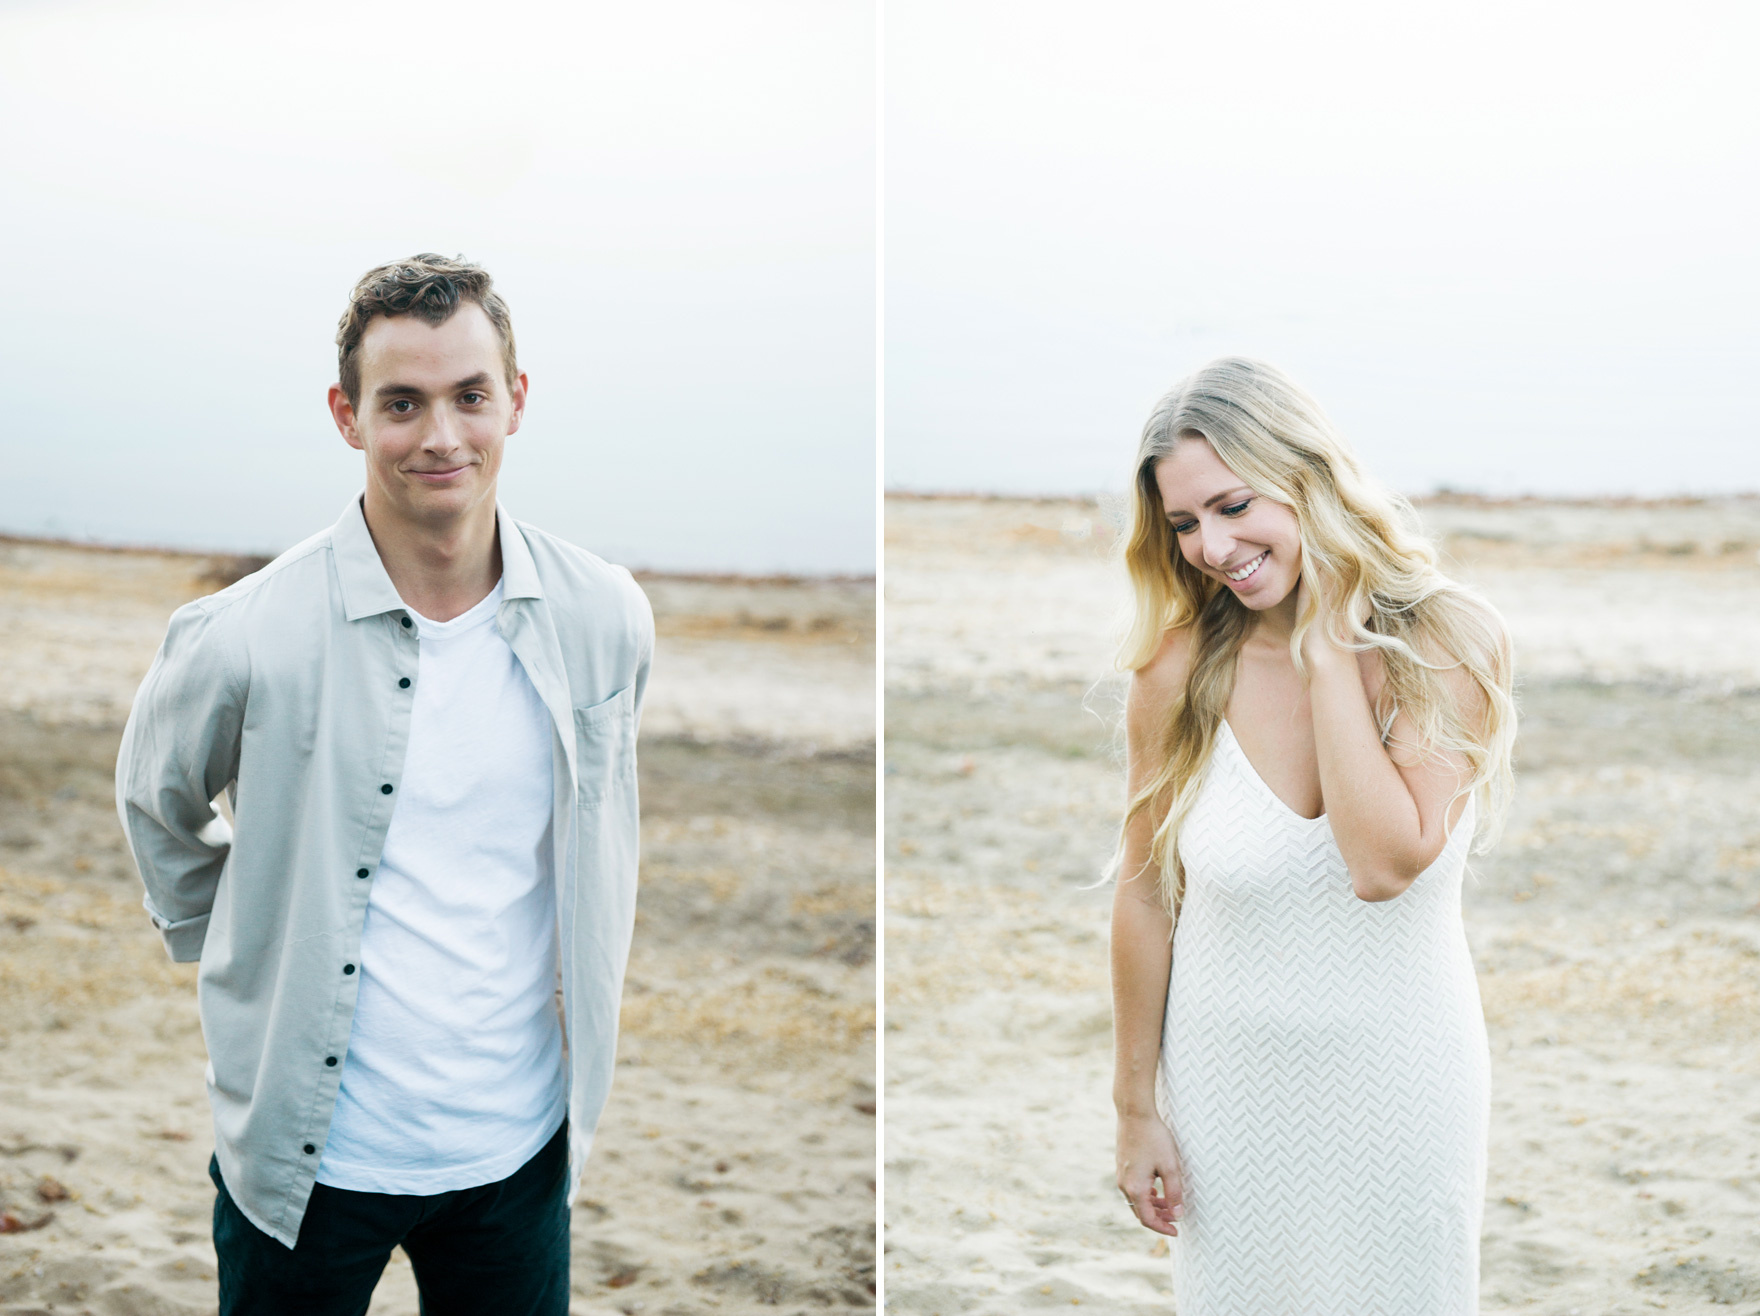 California-Destination-wedding-photographer-Christina-Lilly-011